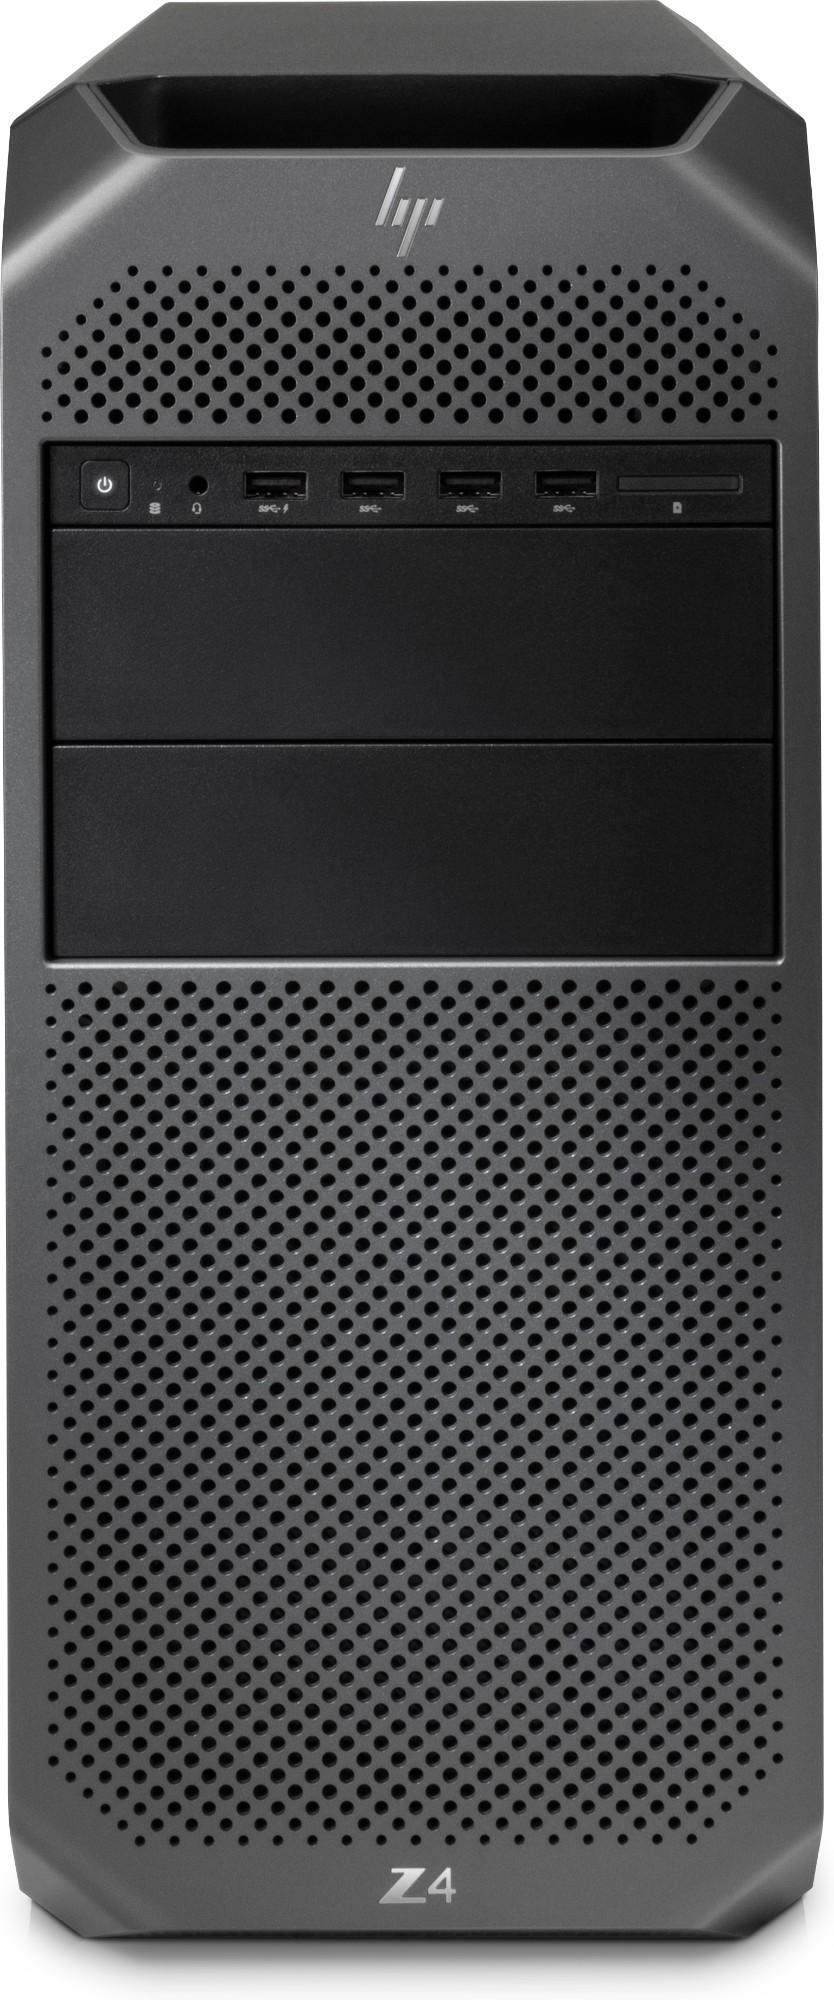 HP Z4 G4 Intel® Core™ i9 X-series 16 GB DDR4-SDRAM 512 GB SSD Black Mini Tower Workstation